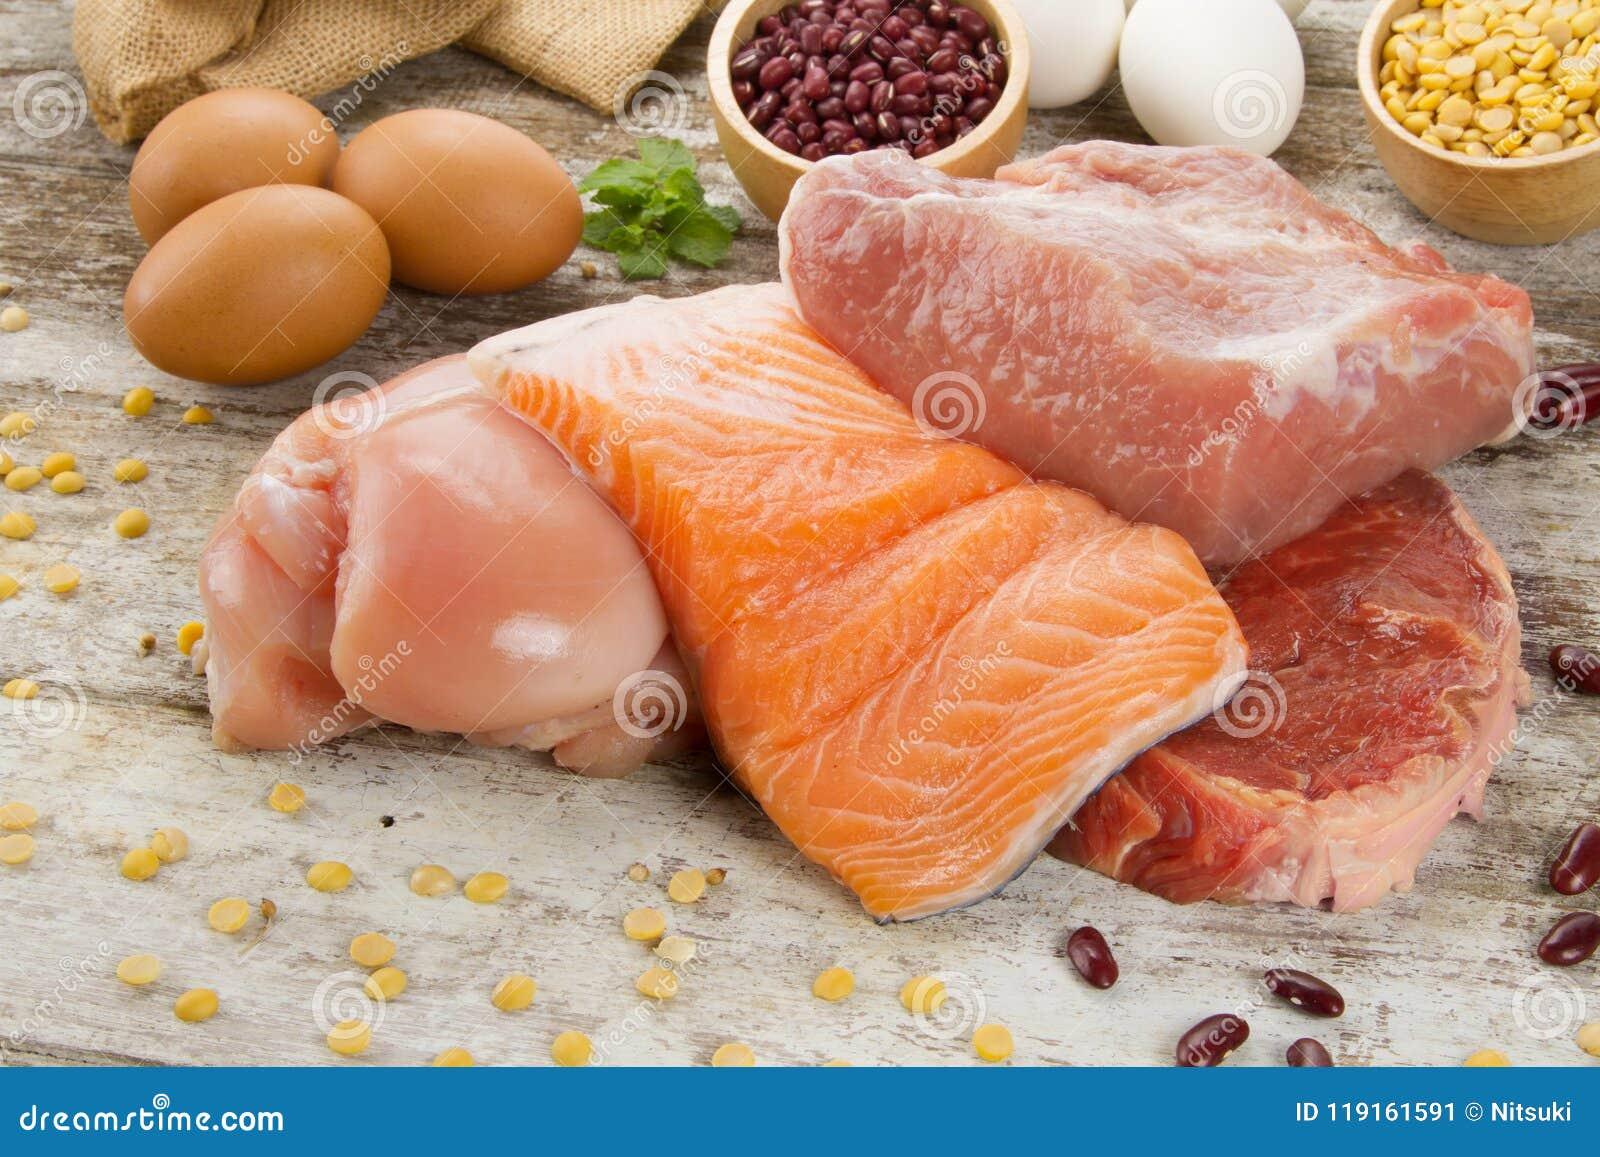 Bogaty odżywki jedzenie rybi kurczaka i mięsa proteiny źródło